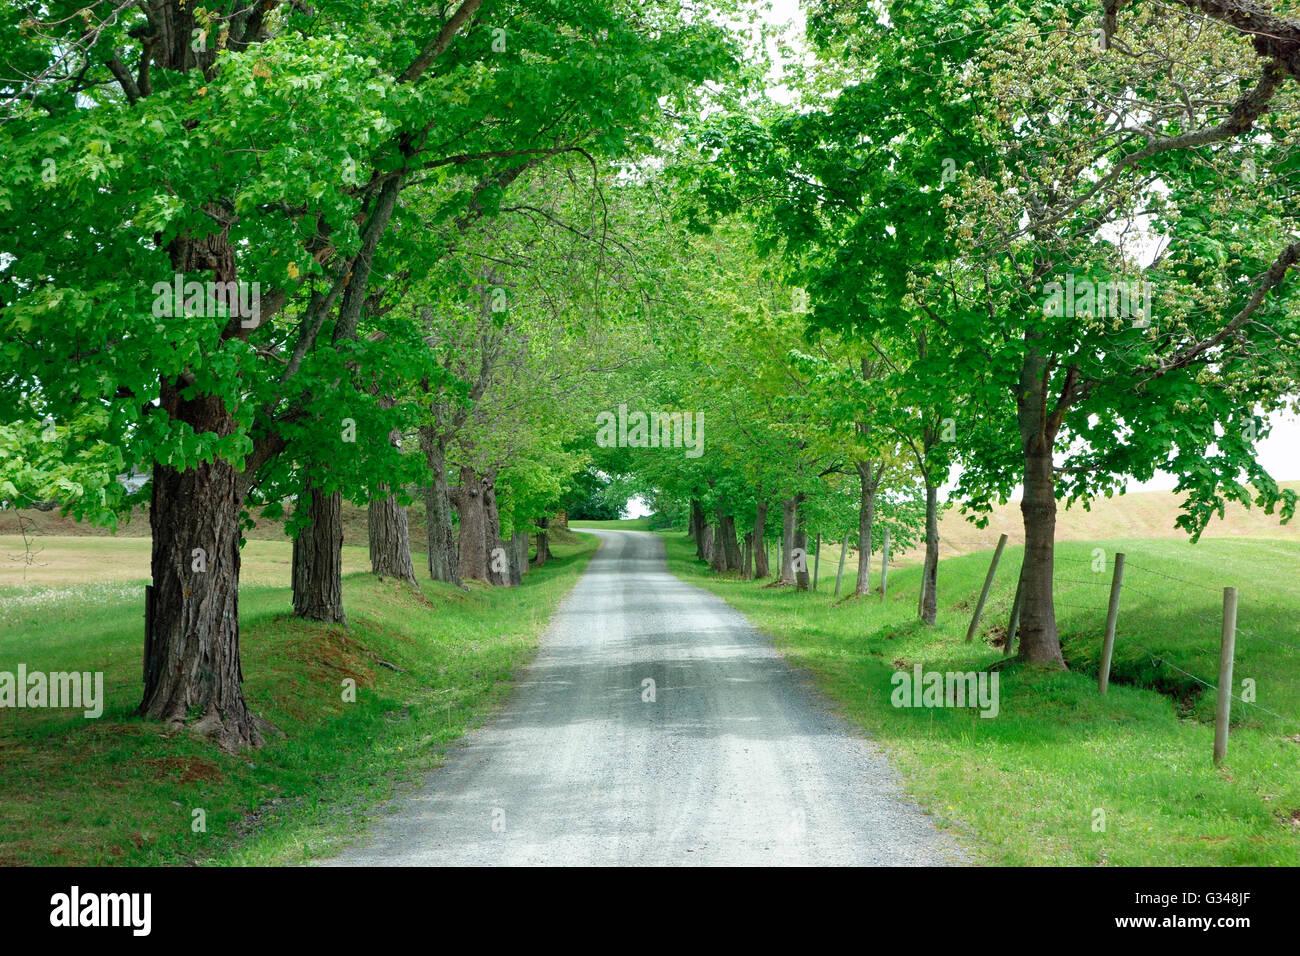 Un générique country lane road avec champs, clôture et arbres au printemps Photo Stock